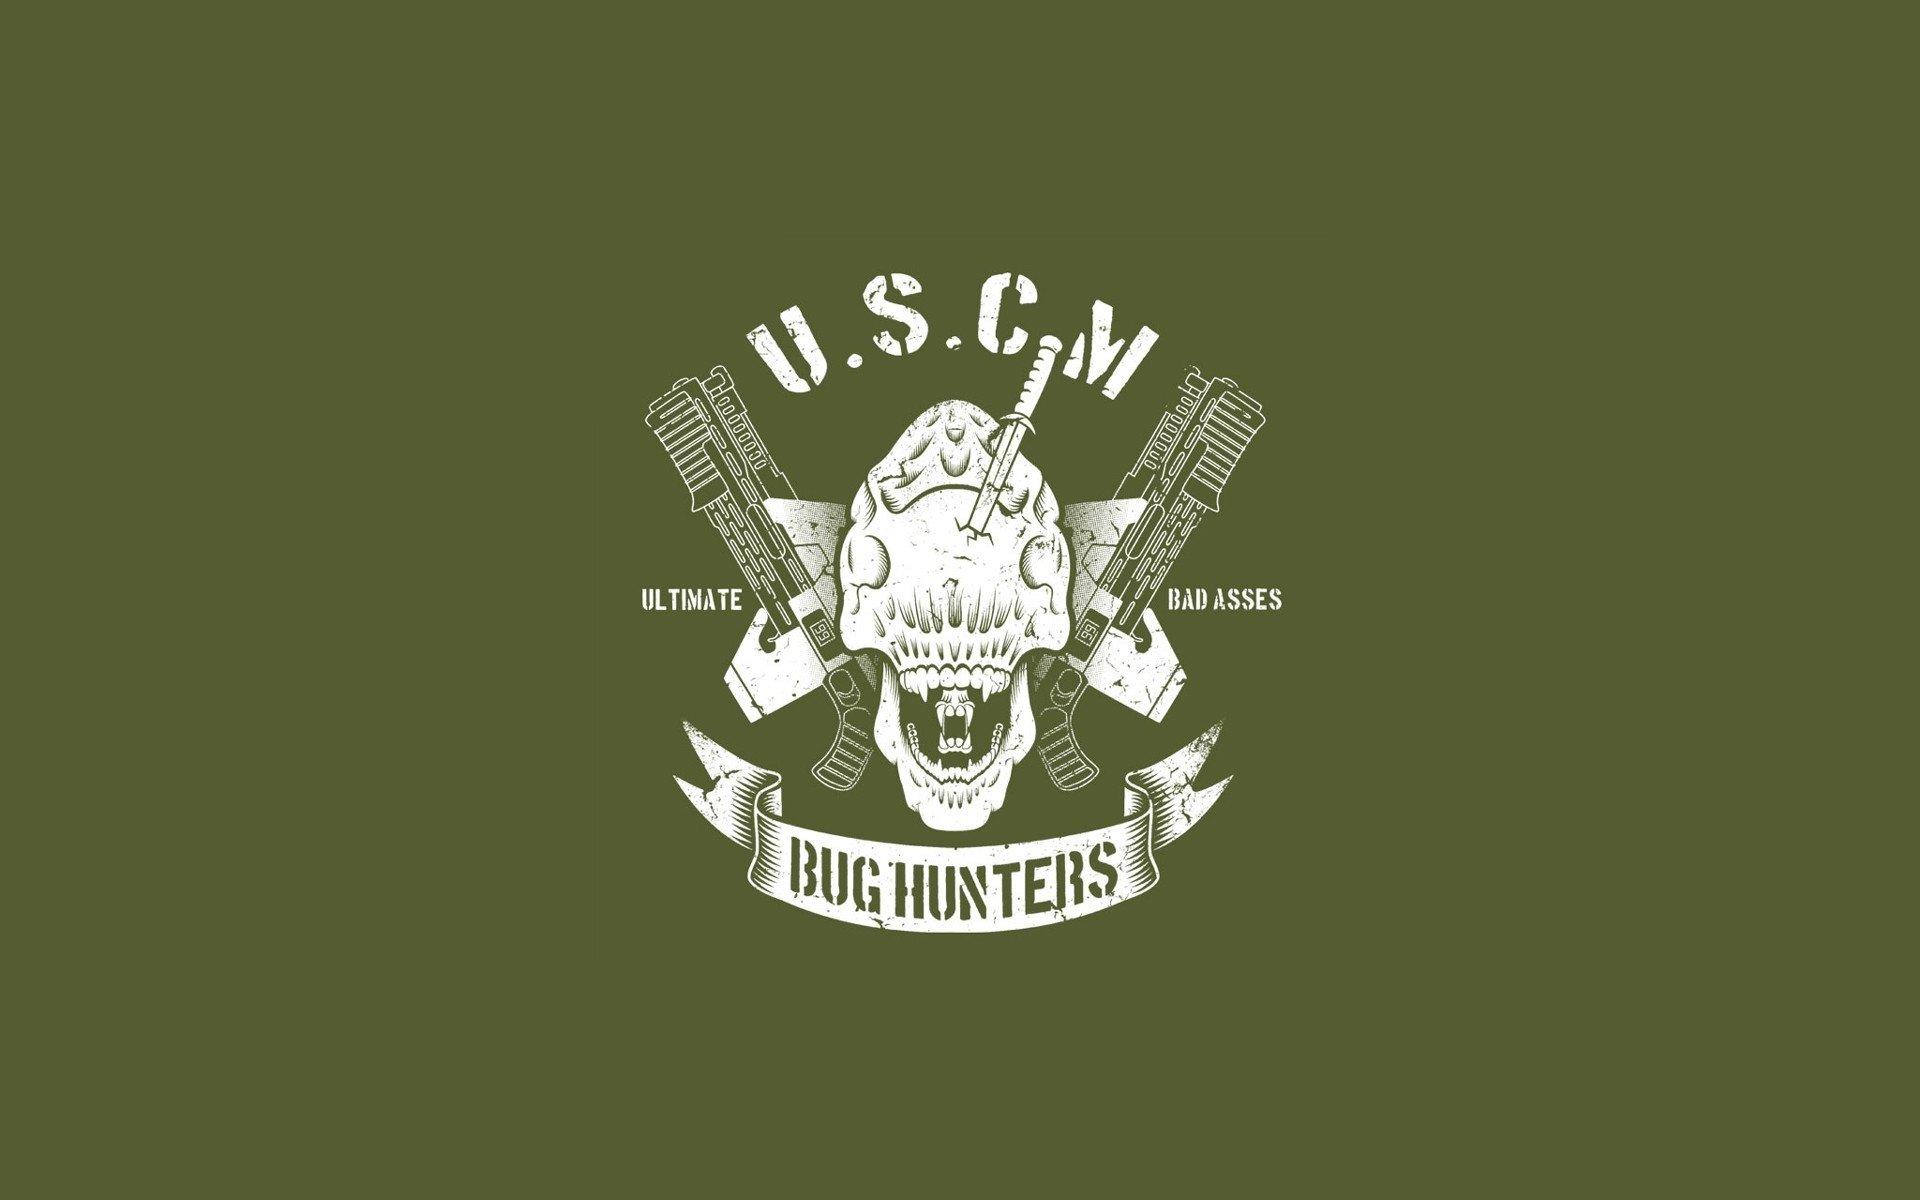 Us Marine Corps Wallpapers 1920x1200 Desktop Backgrounds